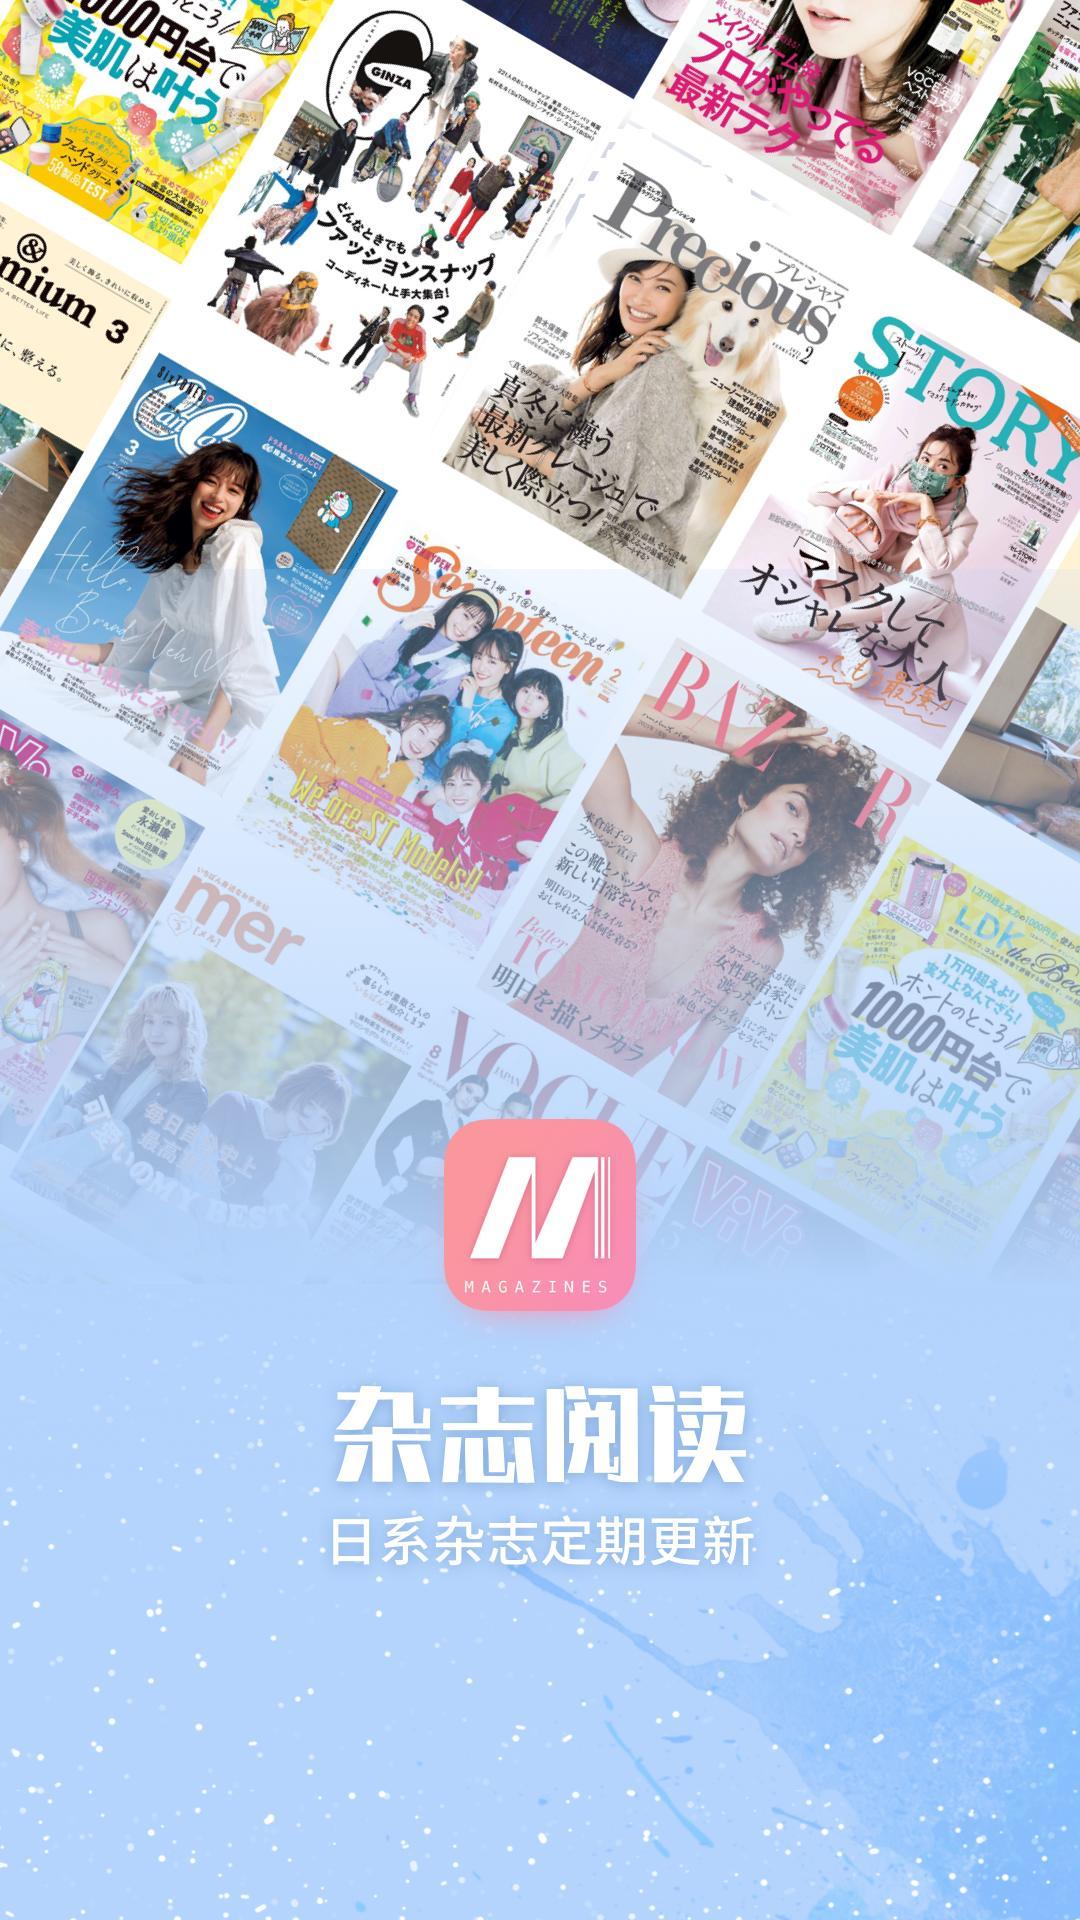 日本杂志迷 V2.0 安卓版截图1